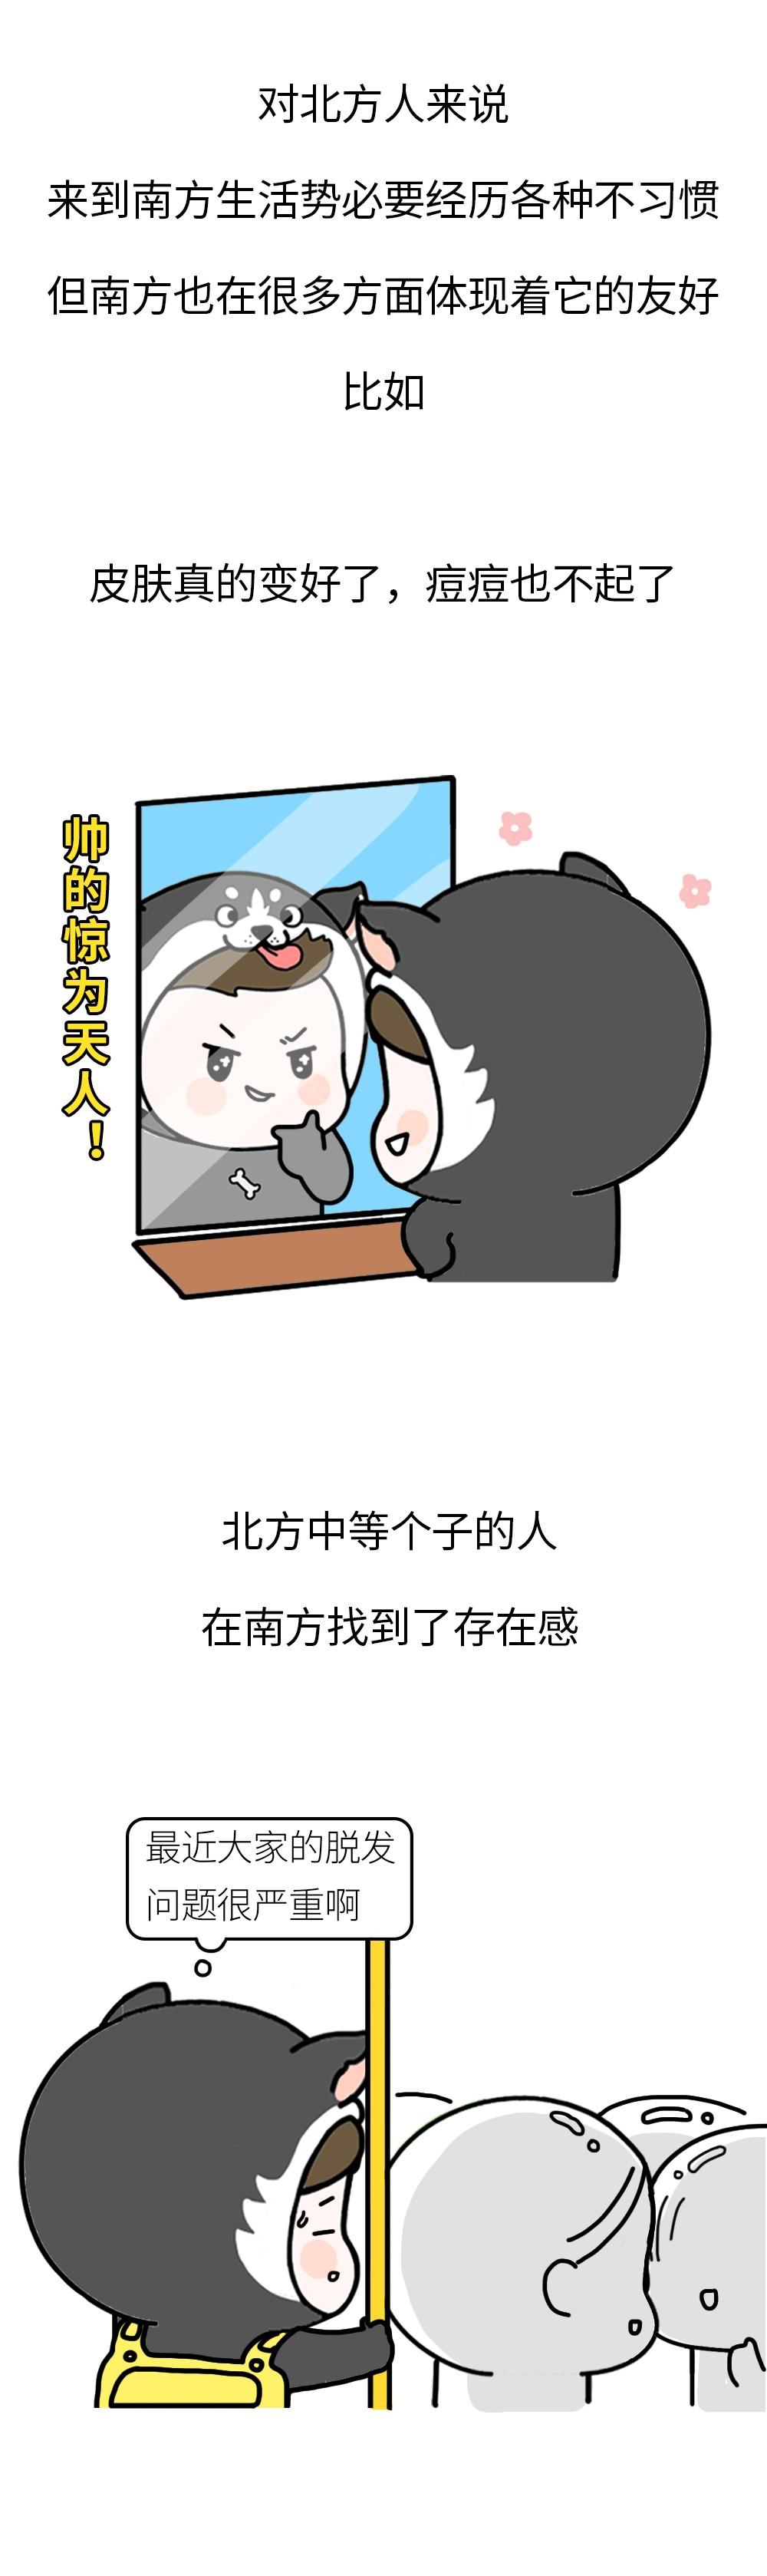 少女兔:北方汉子第一次到南方上学,结果...哈哈哈哈